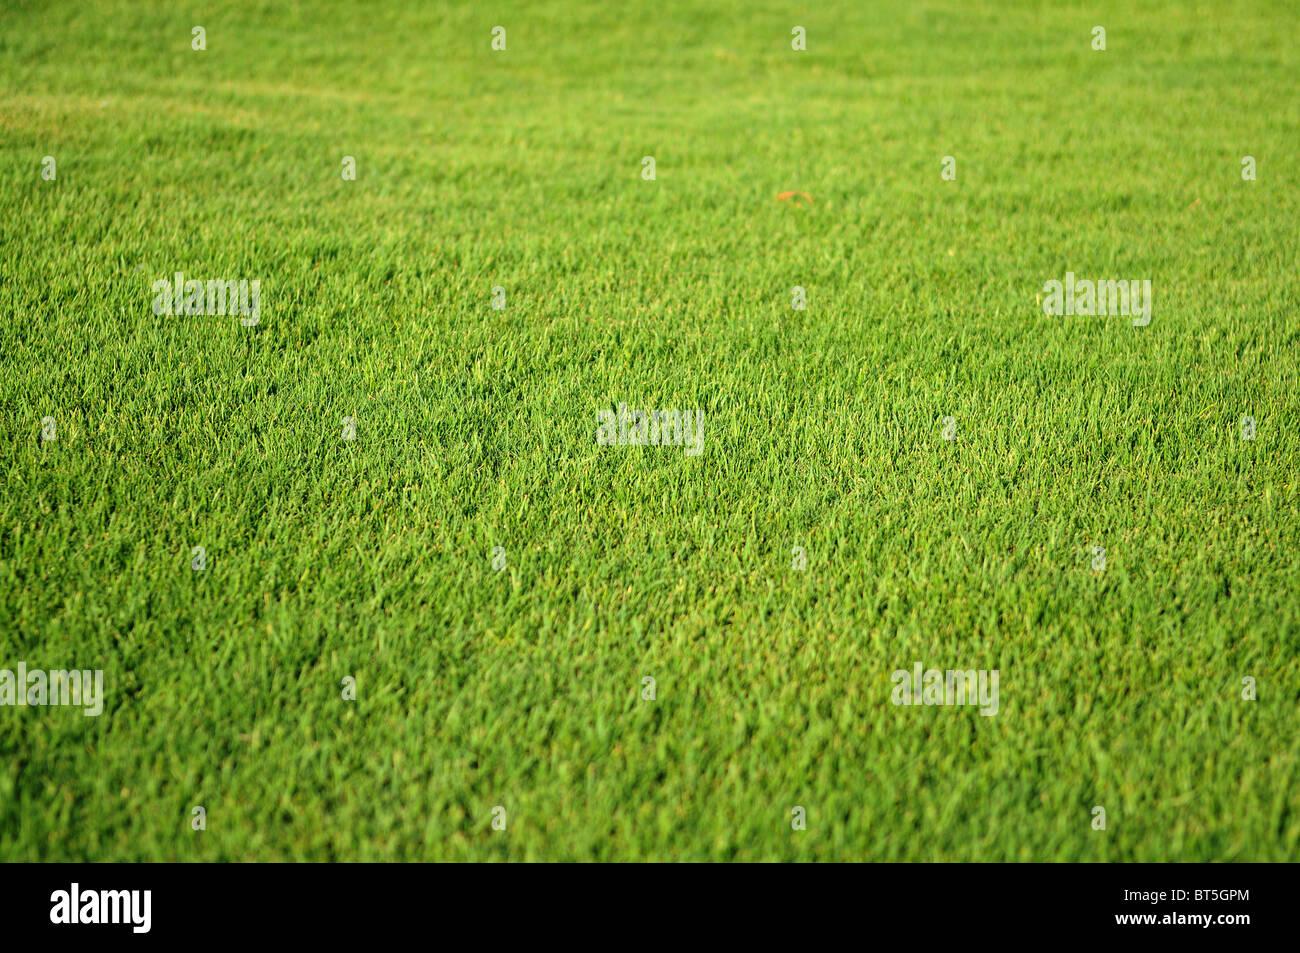 Erba verde sullo sfondo, fondale profondo della messa a fuoco Immagini Stock